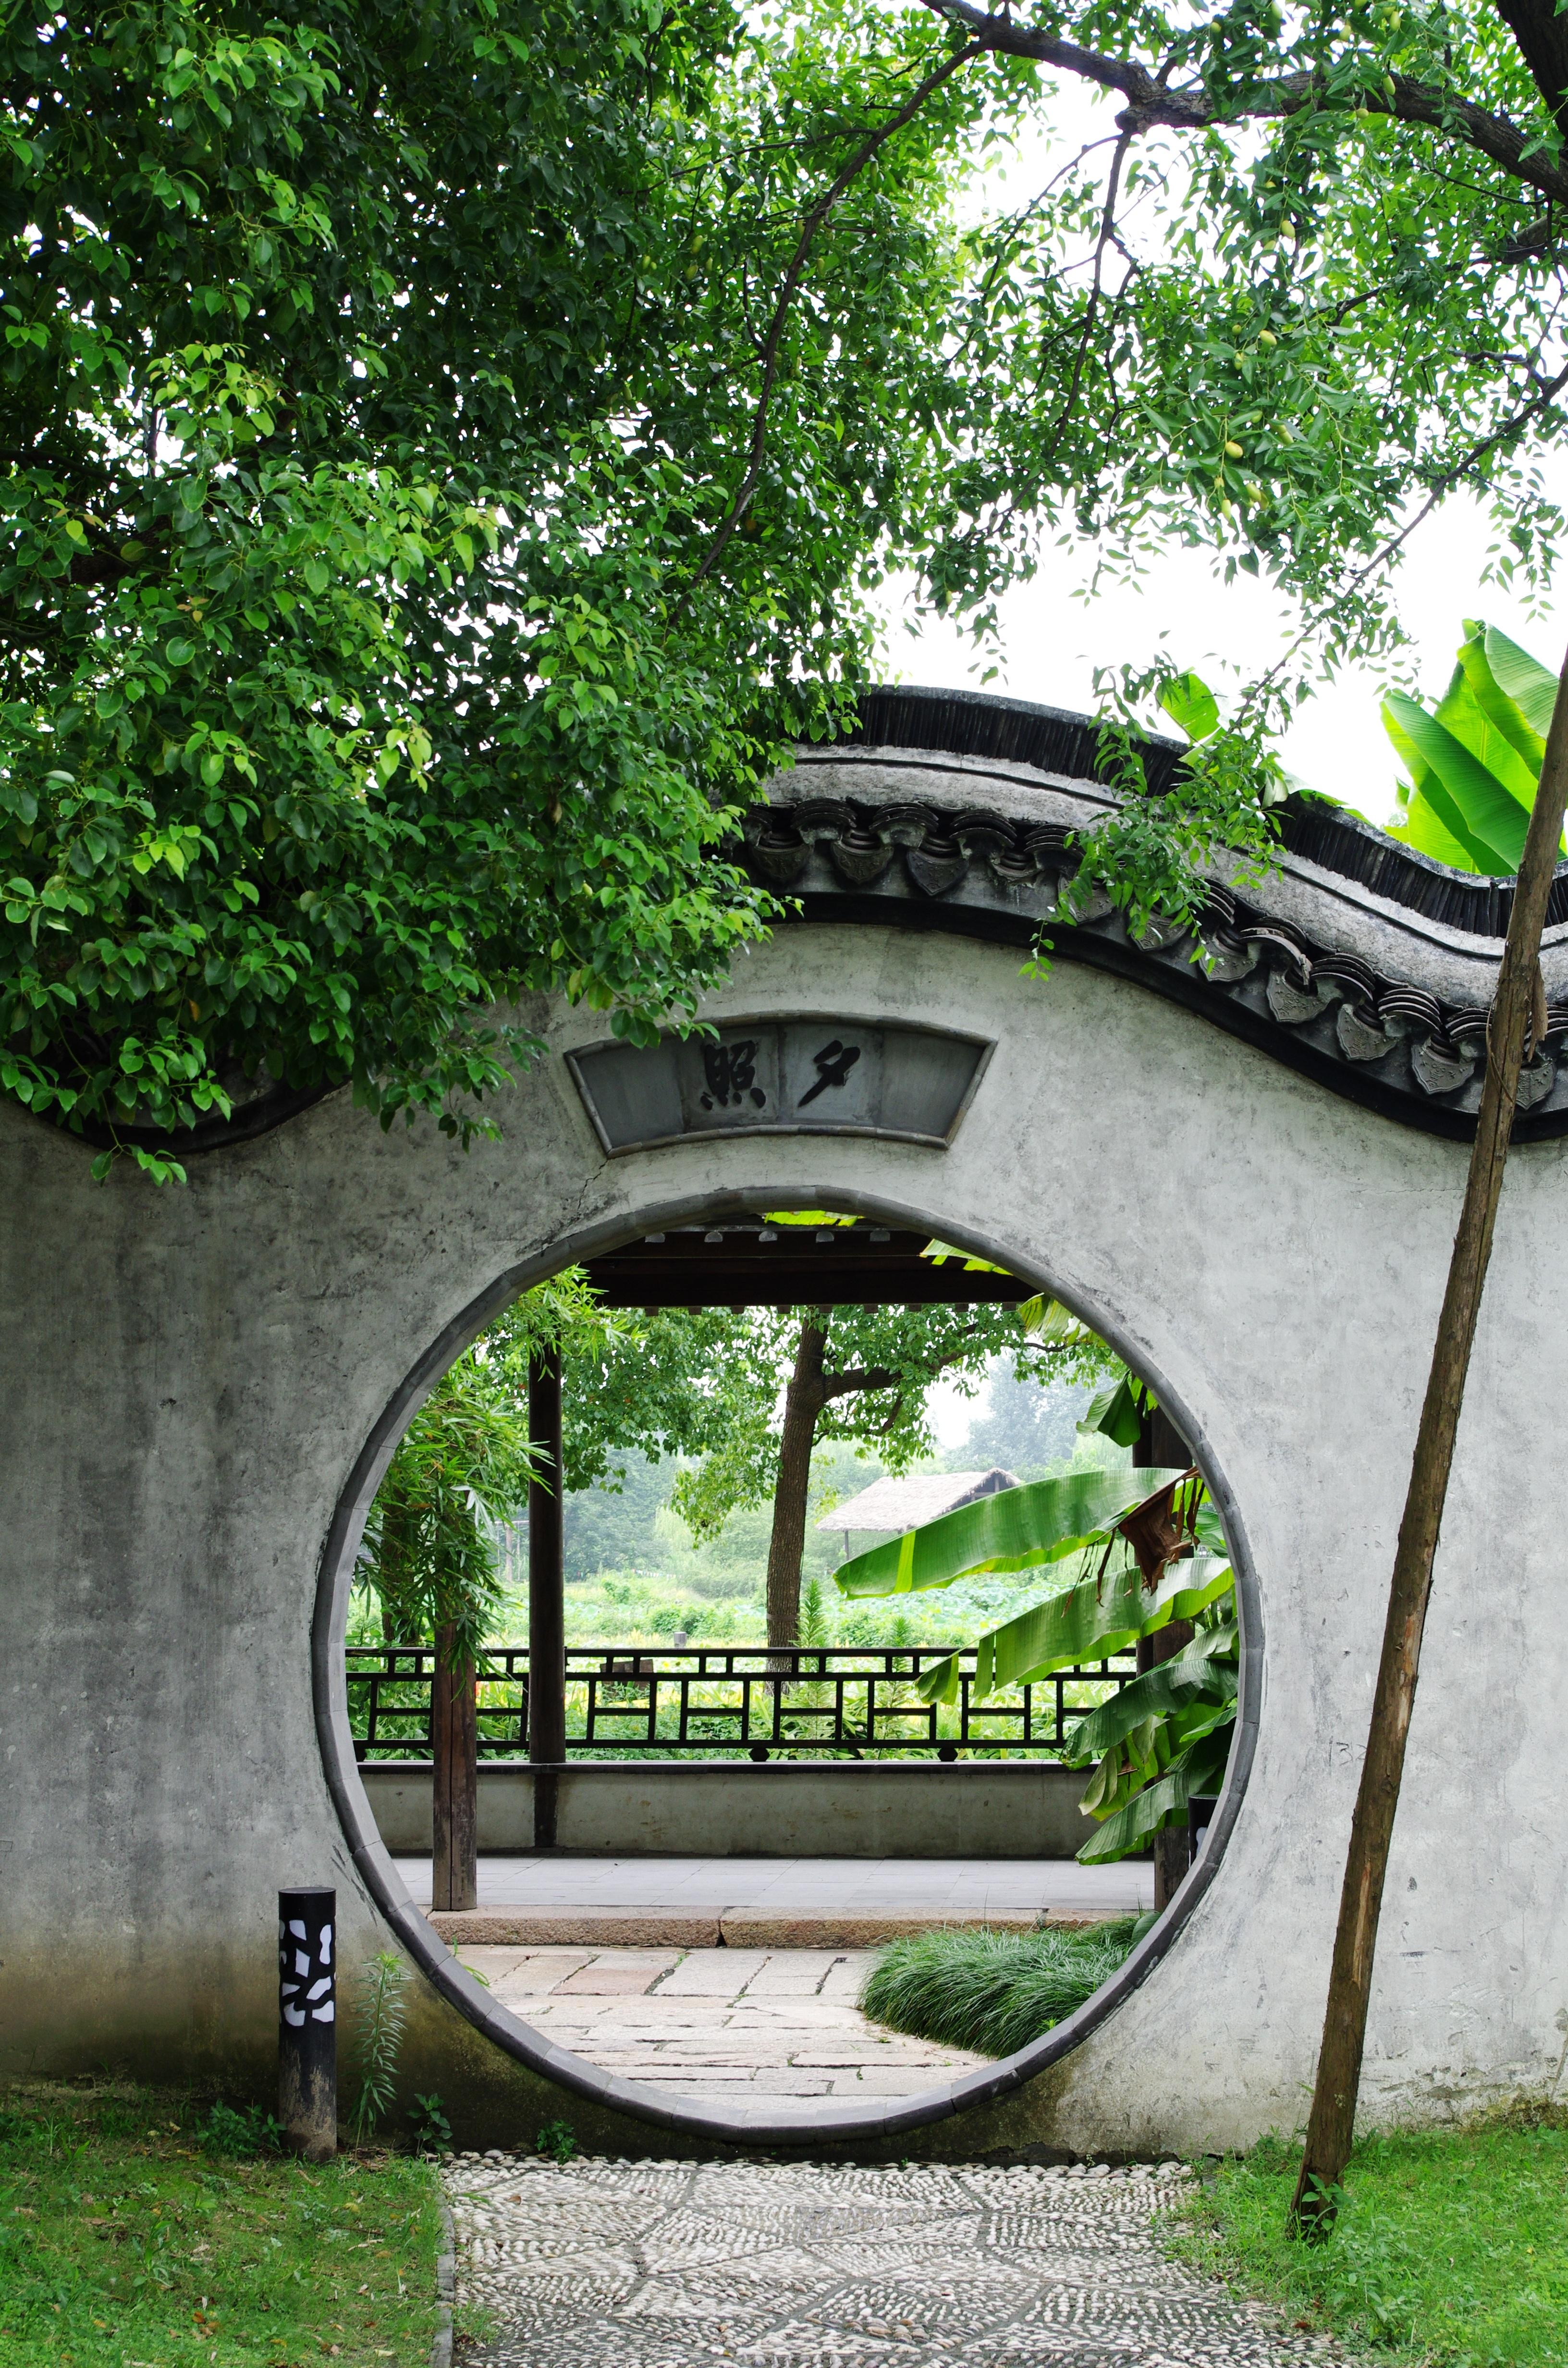 Landschaft Die Architektur Blume Bogen Grün Hinterhof Garten Hof Immobilien  Garten Jiangnan China Wind Wuzhen